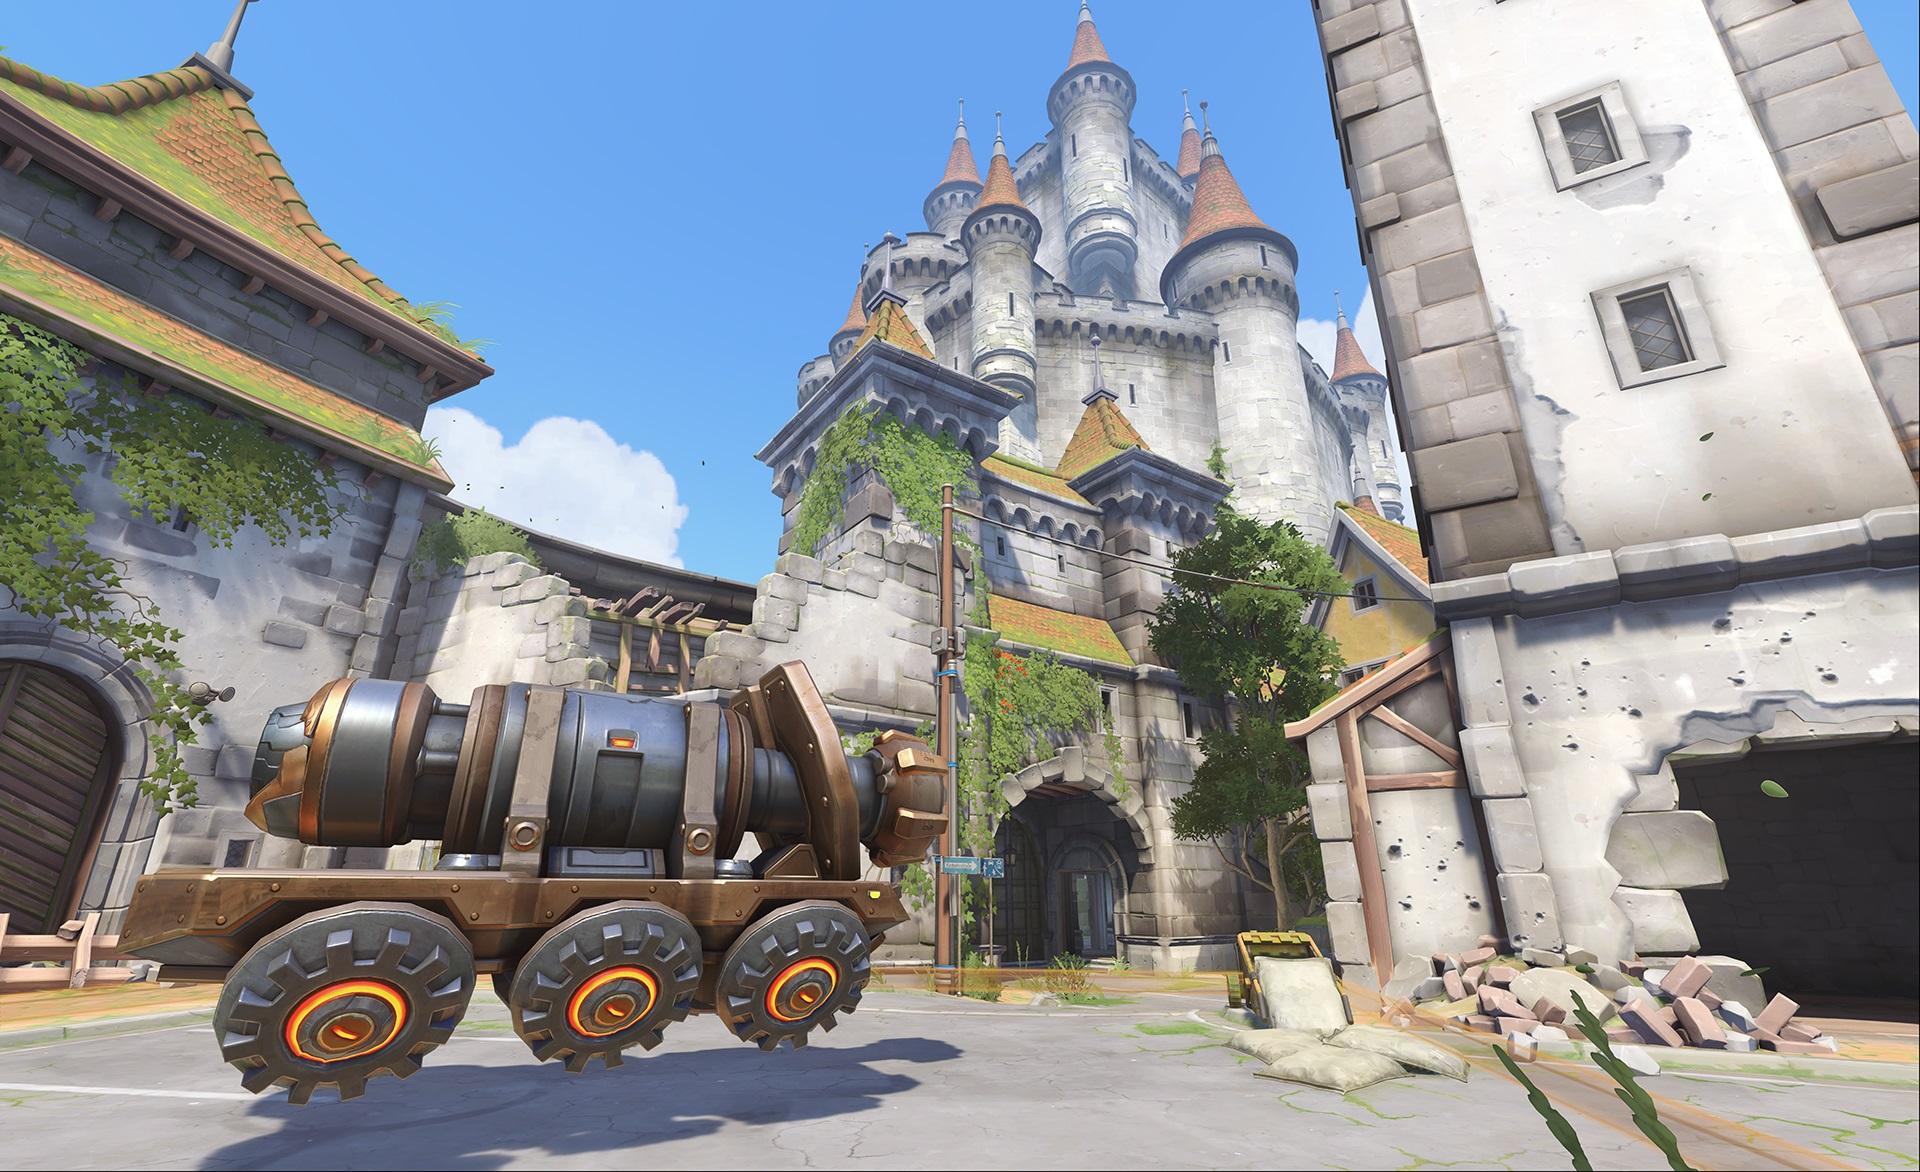 Nová mapa pro Overwatch nás zavede do hradu a přilehlého městečka v Německu 128657